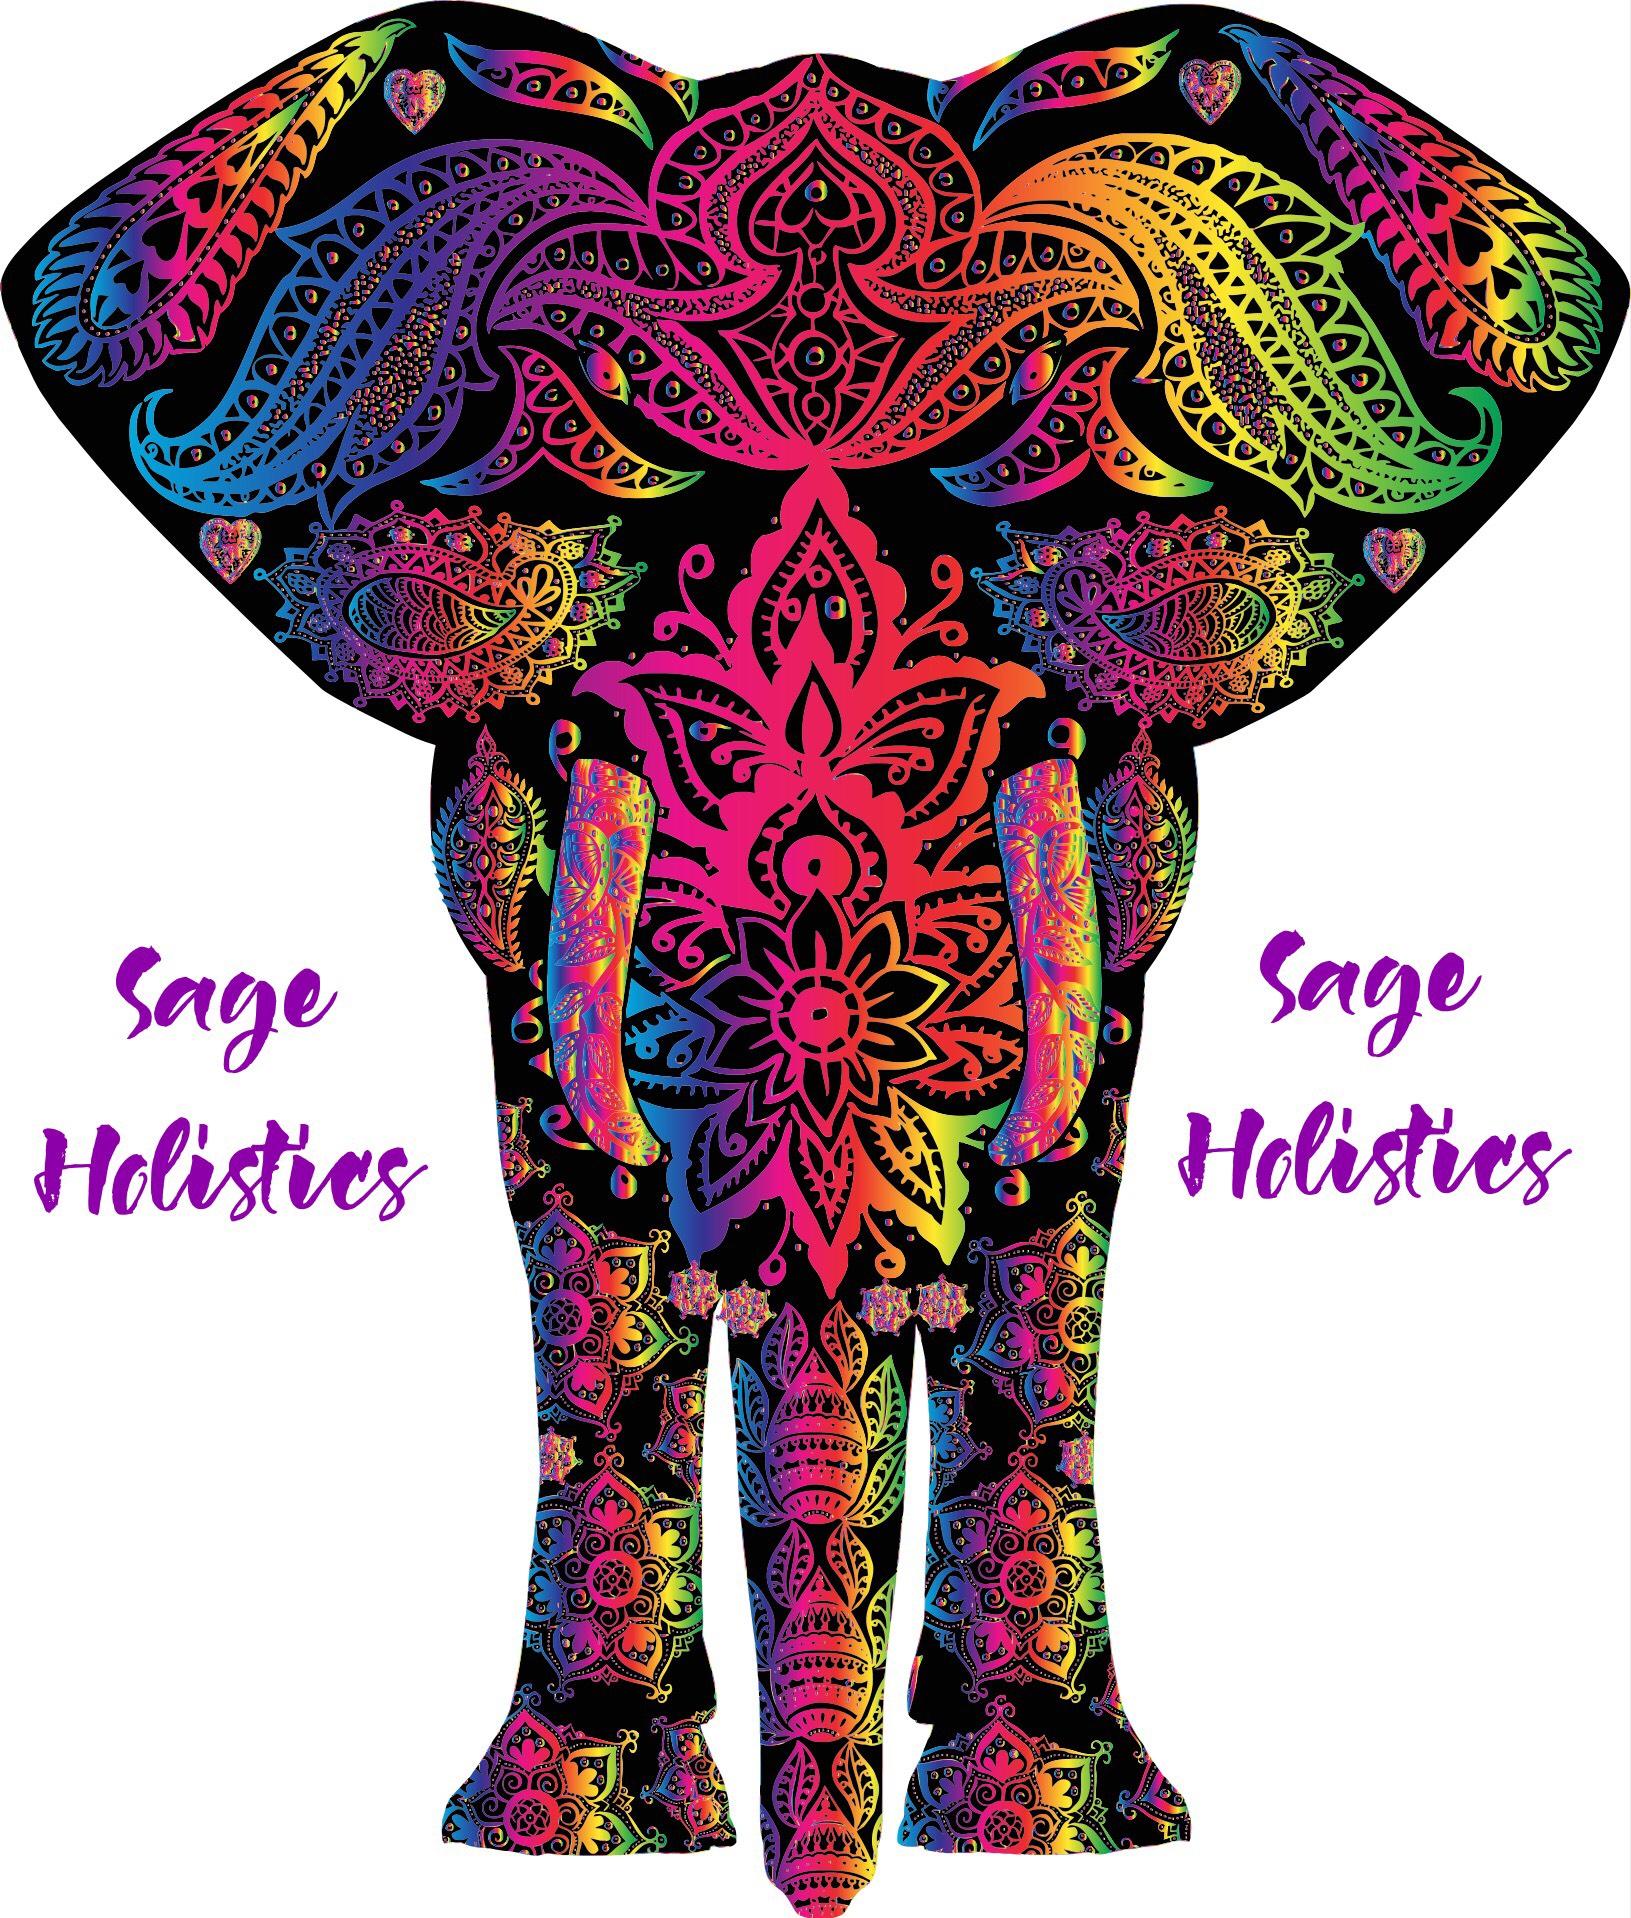 Sage Holistics.jpeg